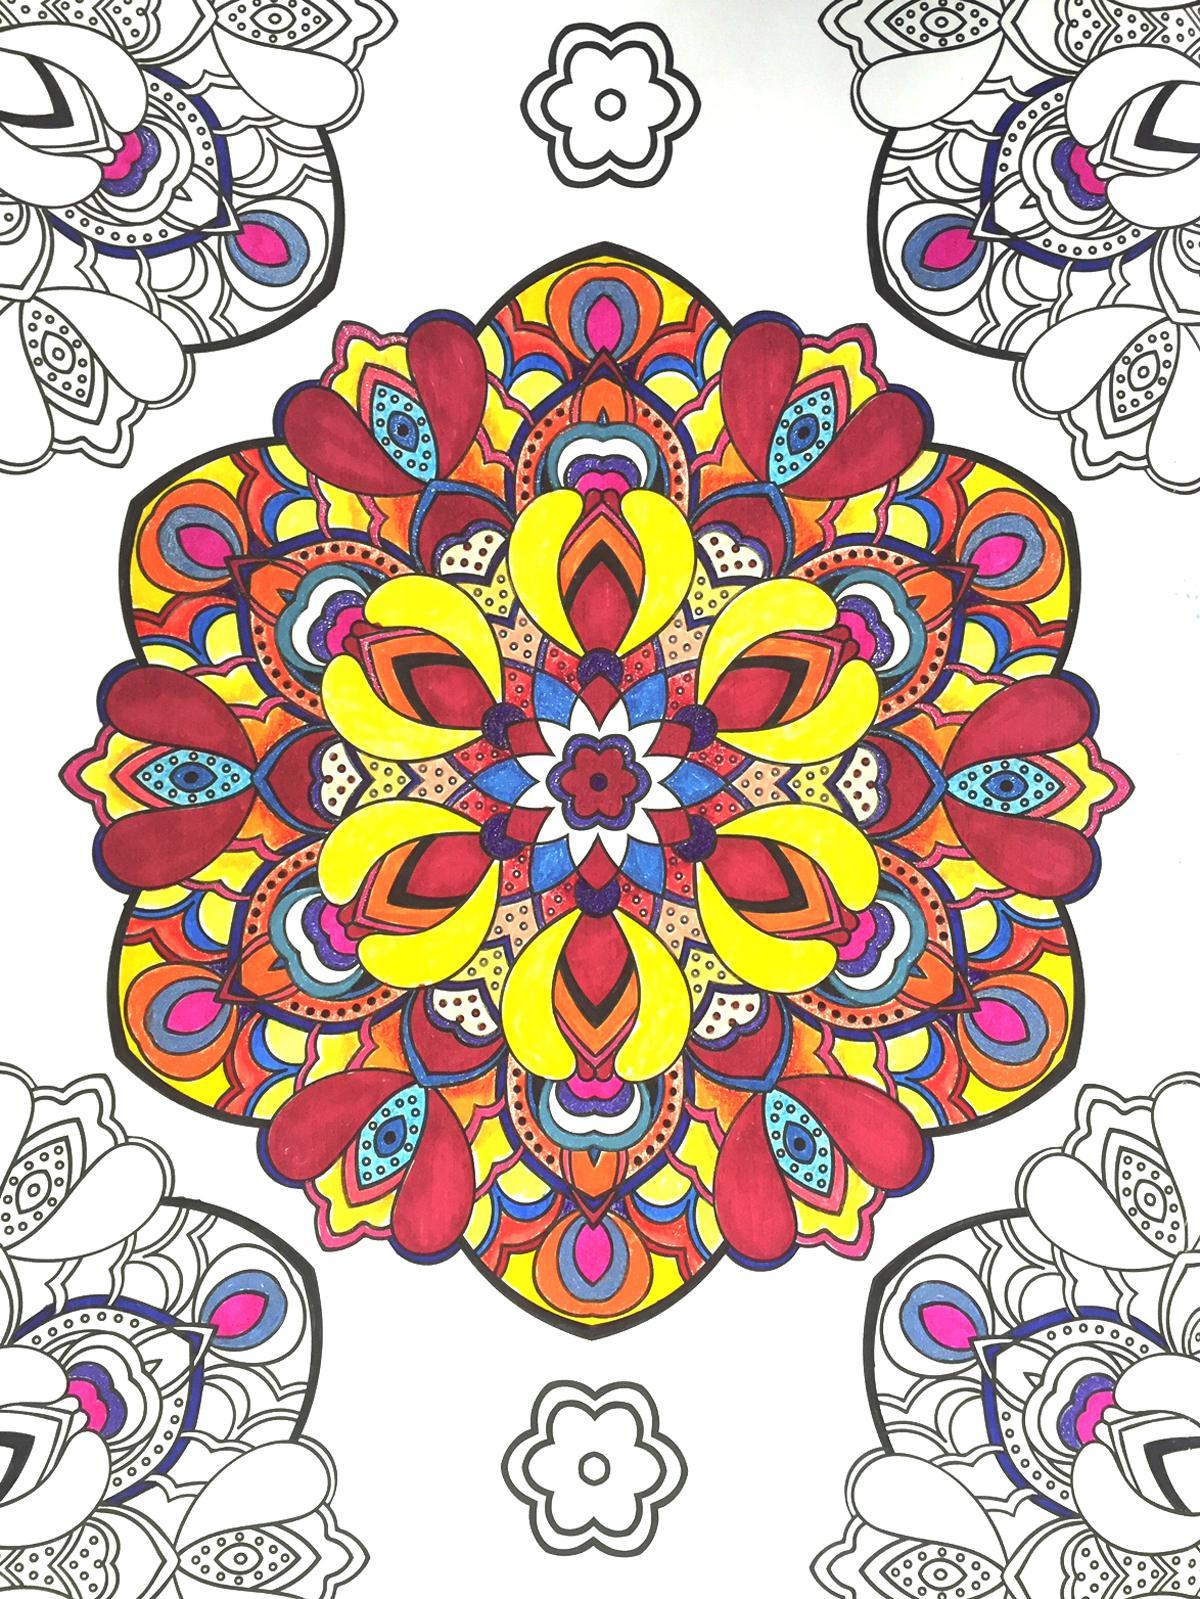 Color art floral wonders - View Larger